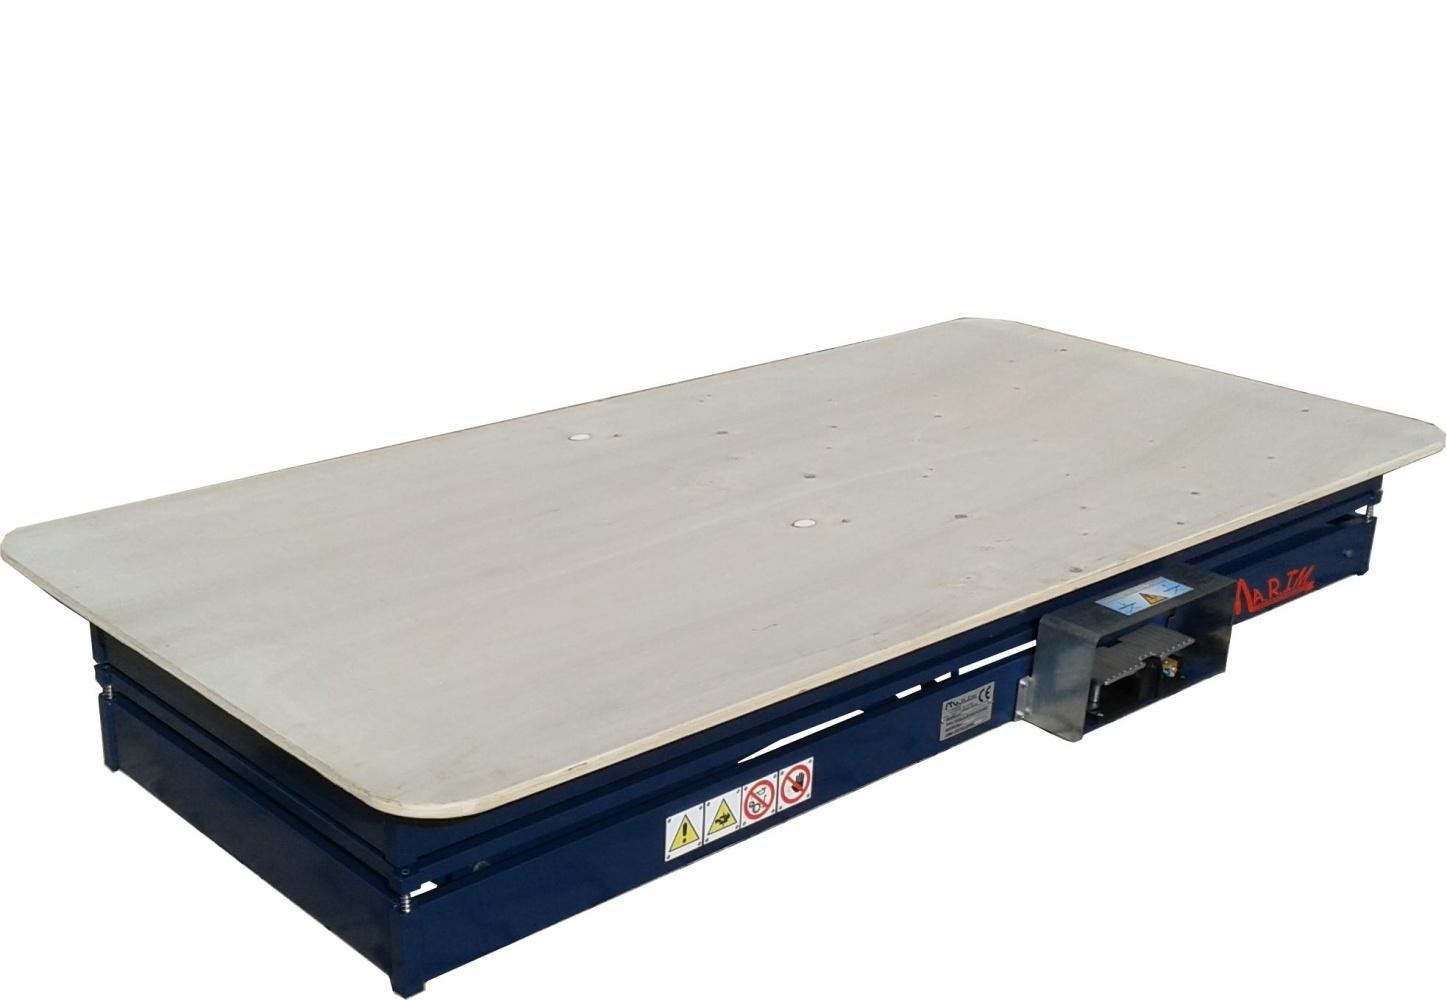 Tavolo Da Lavoro Per Moto : Tavolo da biliardo usato garantito con banco da lavoro in ferro